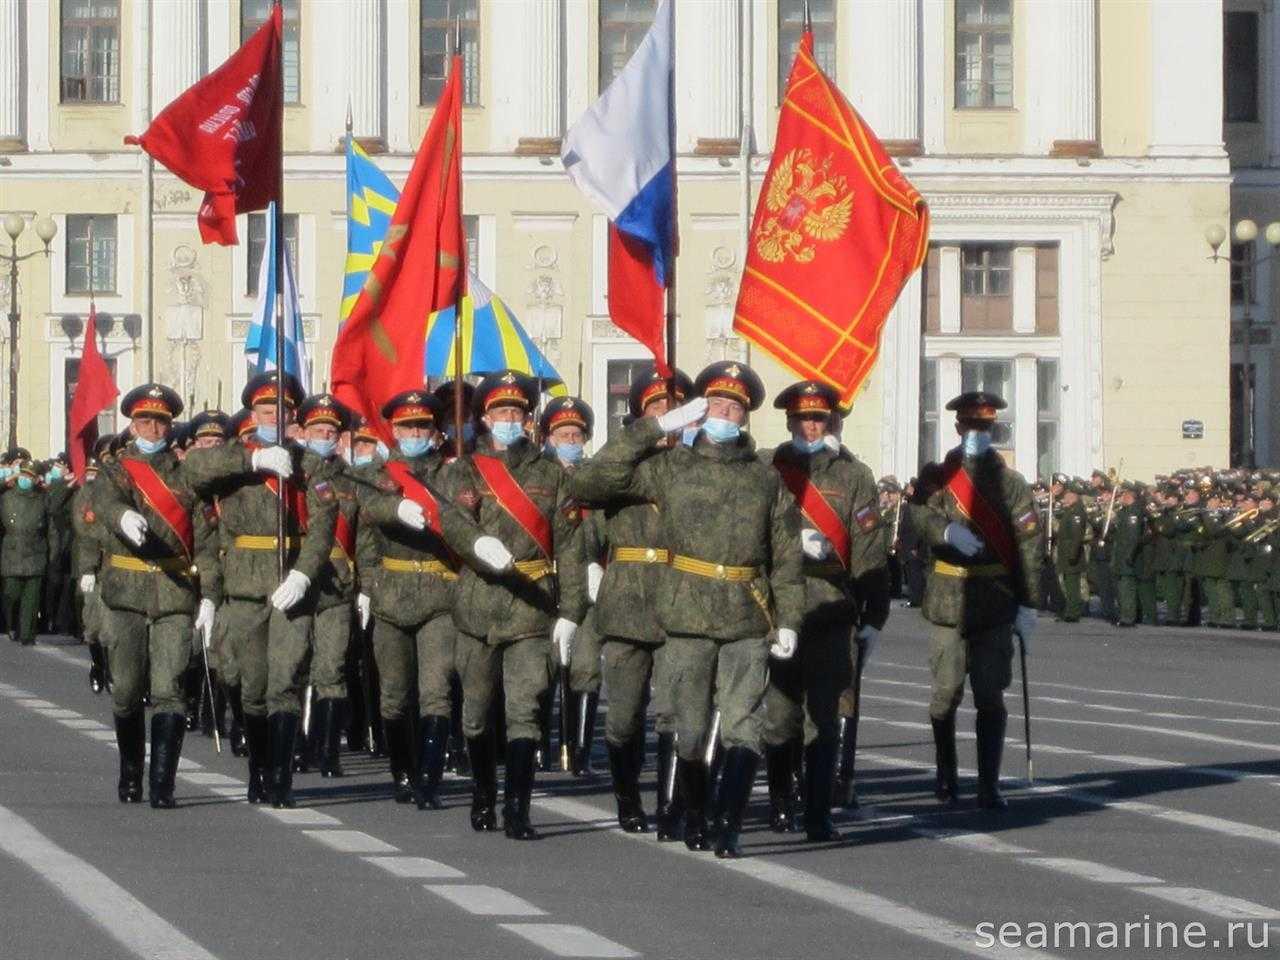 Дворцовая площадь. Подготовка к параду 9-мая